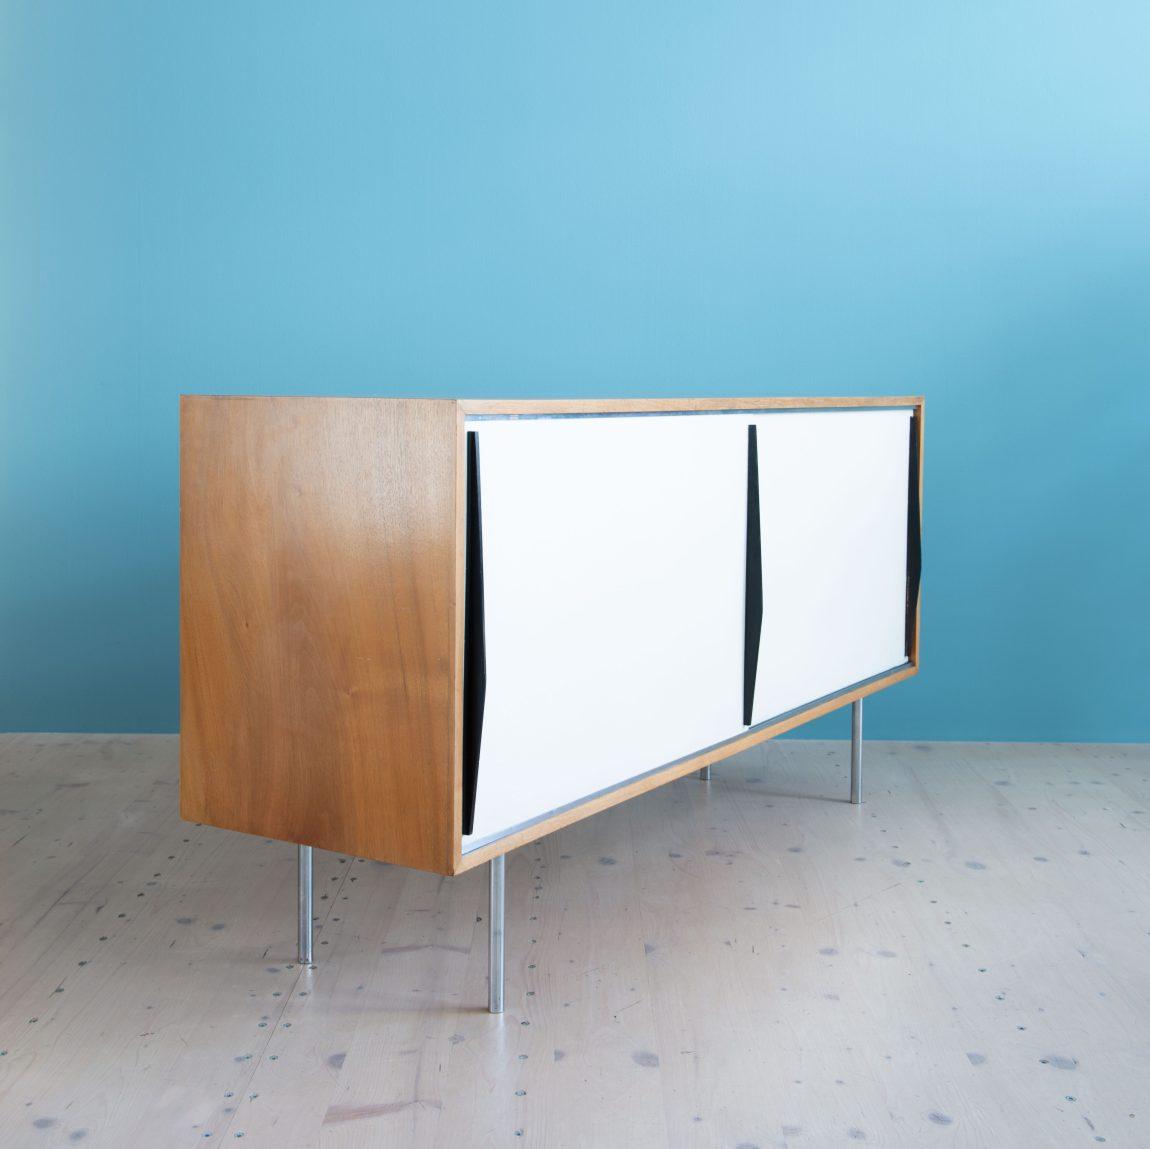 Kurt Thut Sideboard by Thut Möbel, Switzerland 1953. Available at heyday möbel Zurich Switzerland